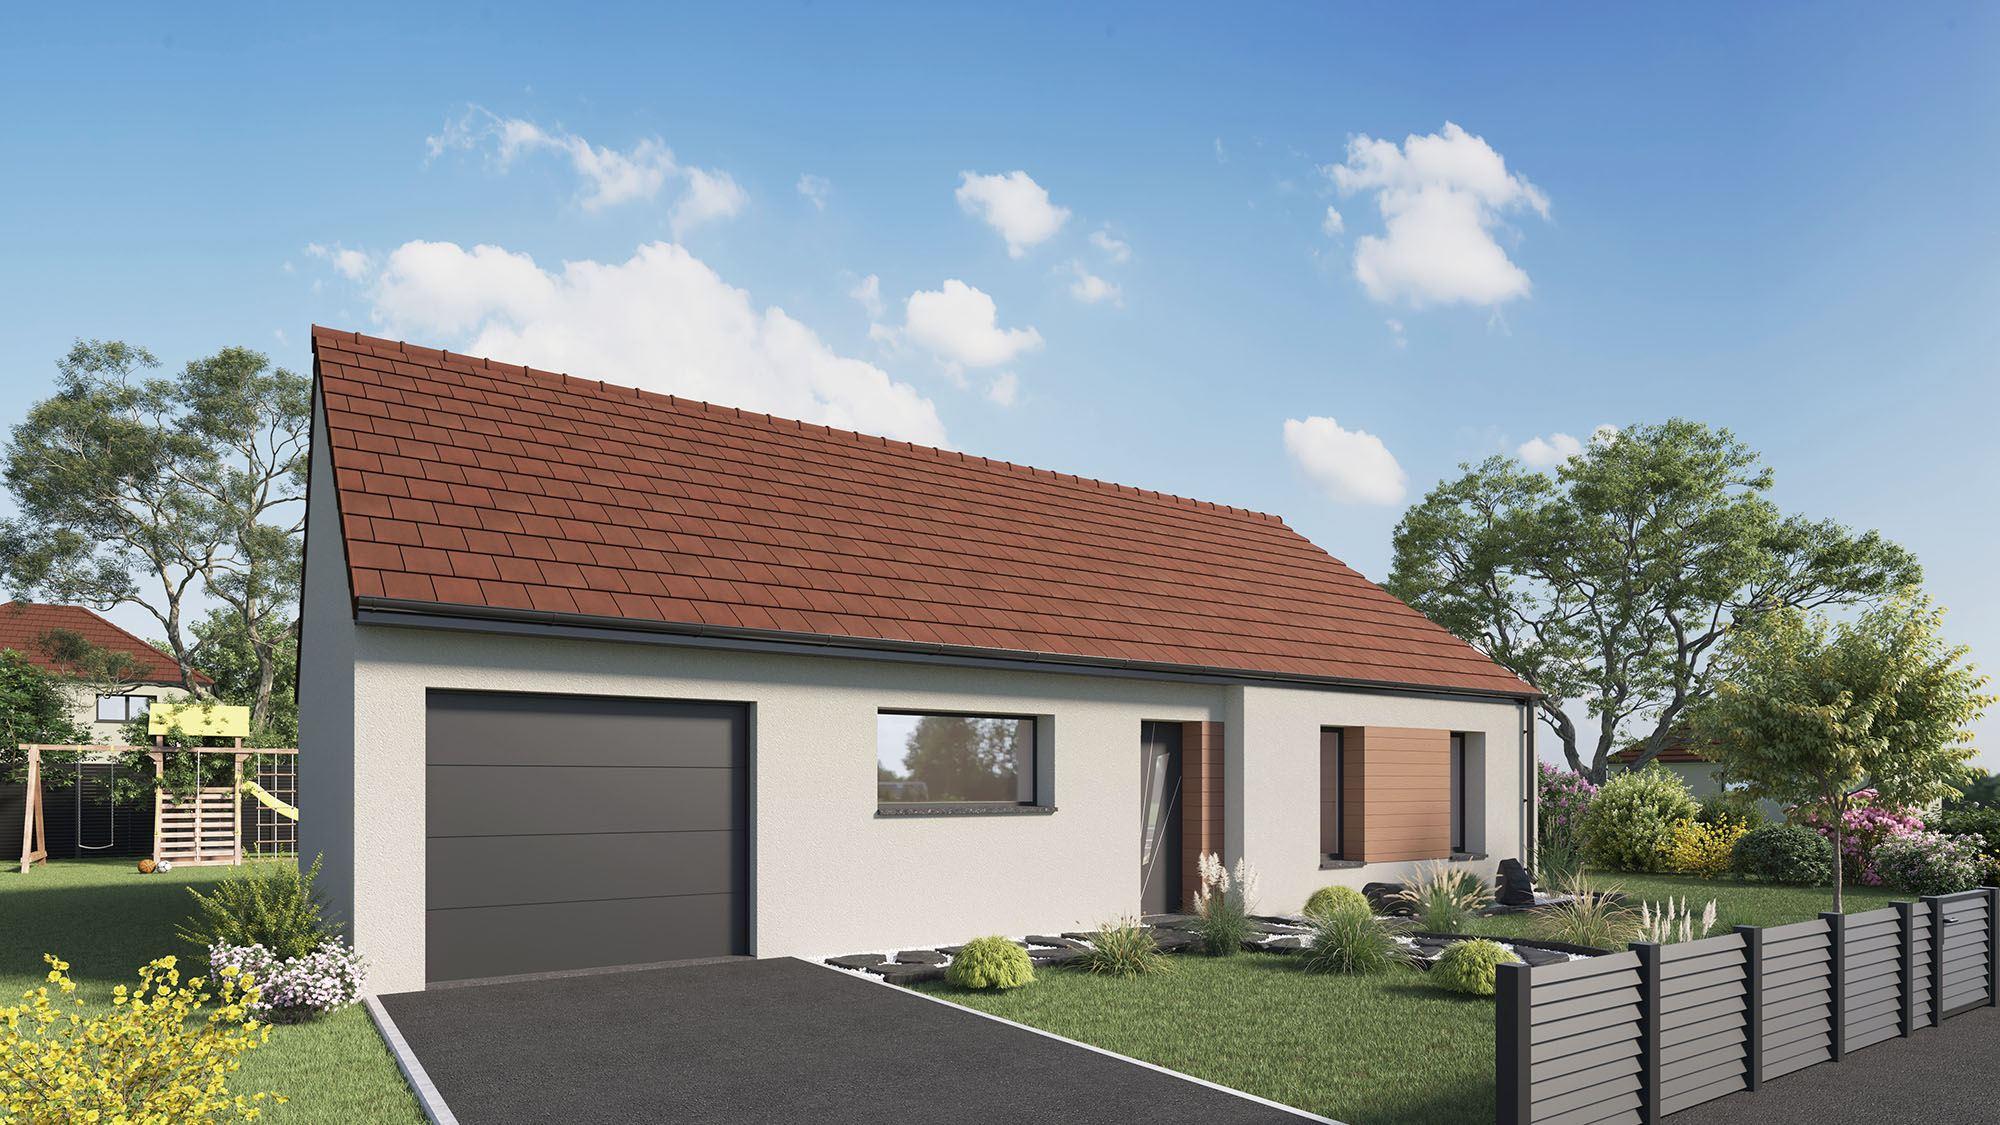 Votre maison + terrain à La Chapelle-d'Armentières  - 59930